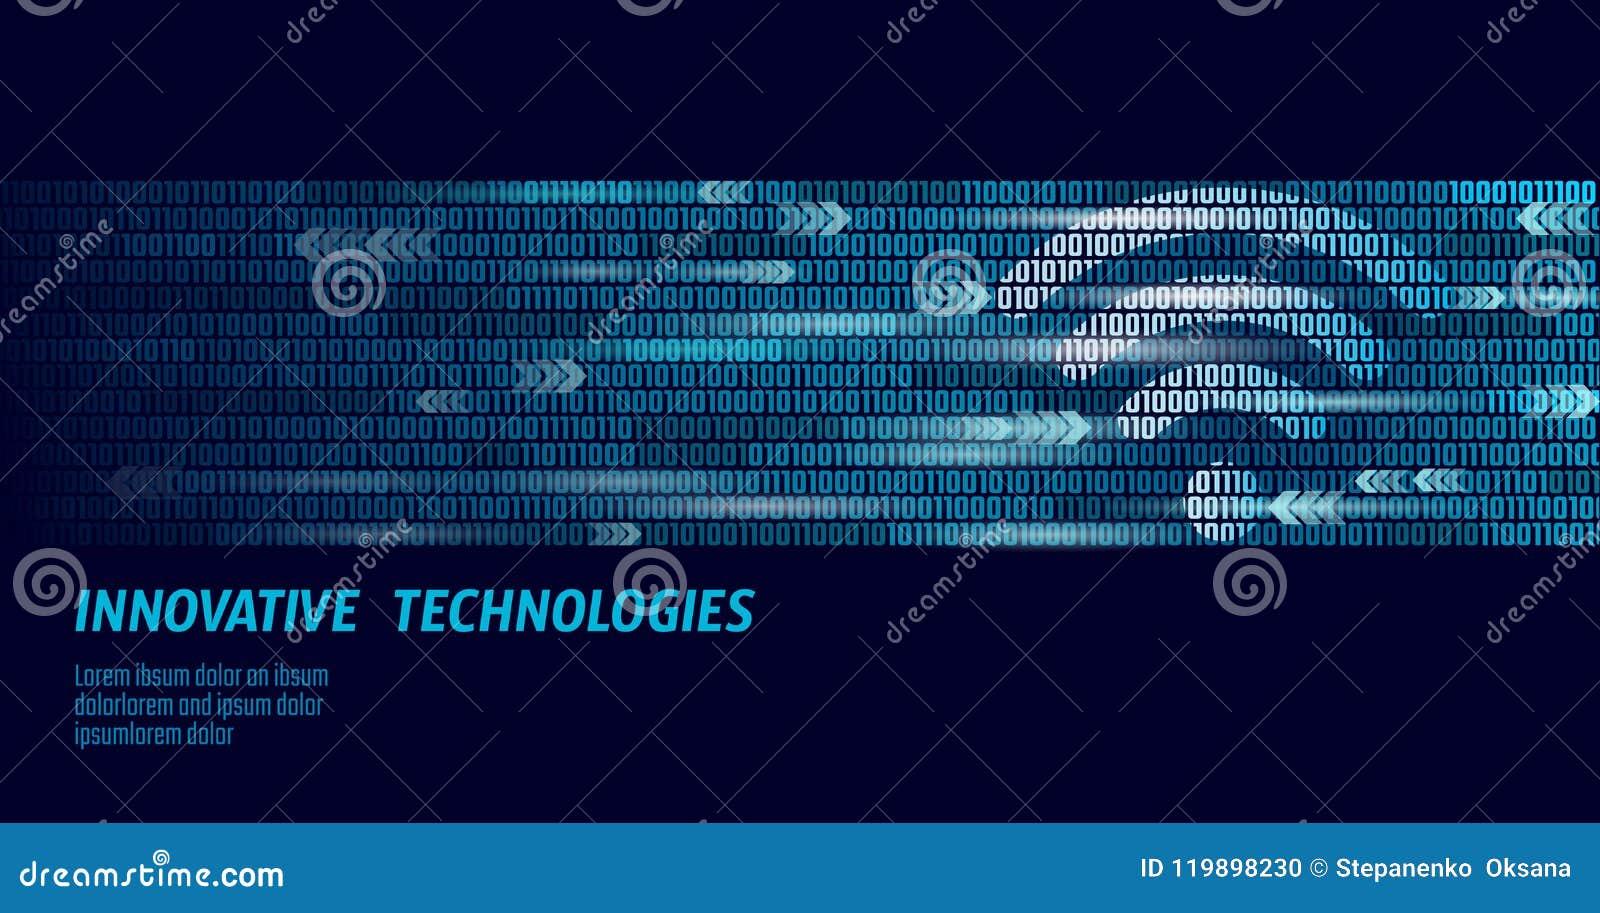 Conexión inalámbrica del wifi de Internet Números de flujo grandes del código binario de los datos Conexión de alta velocidad de